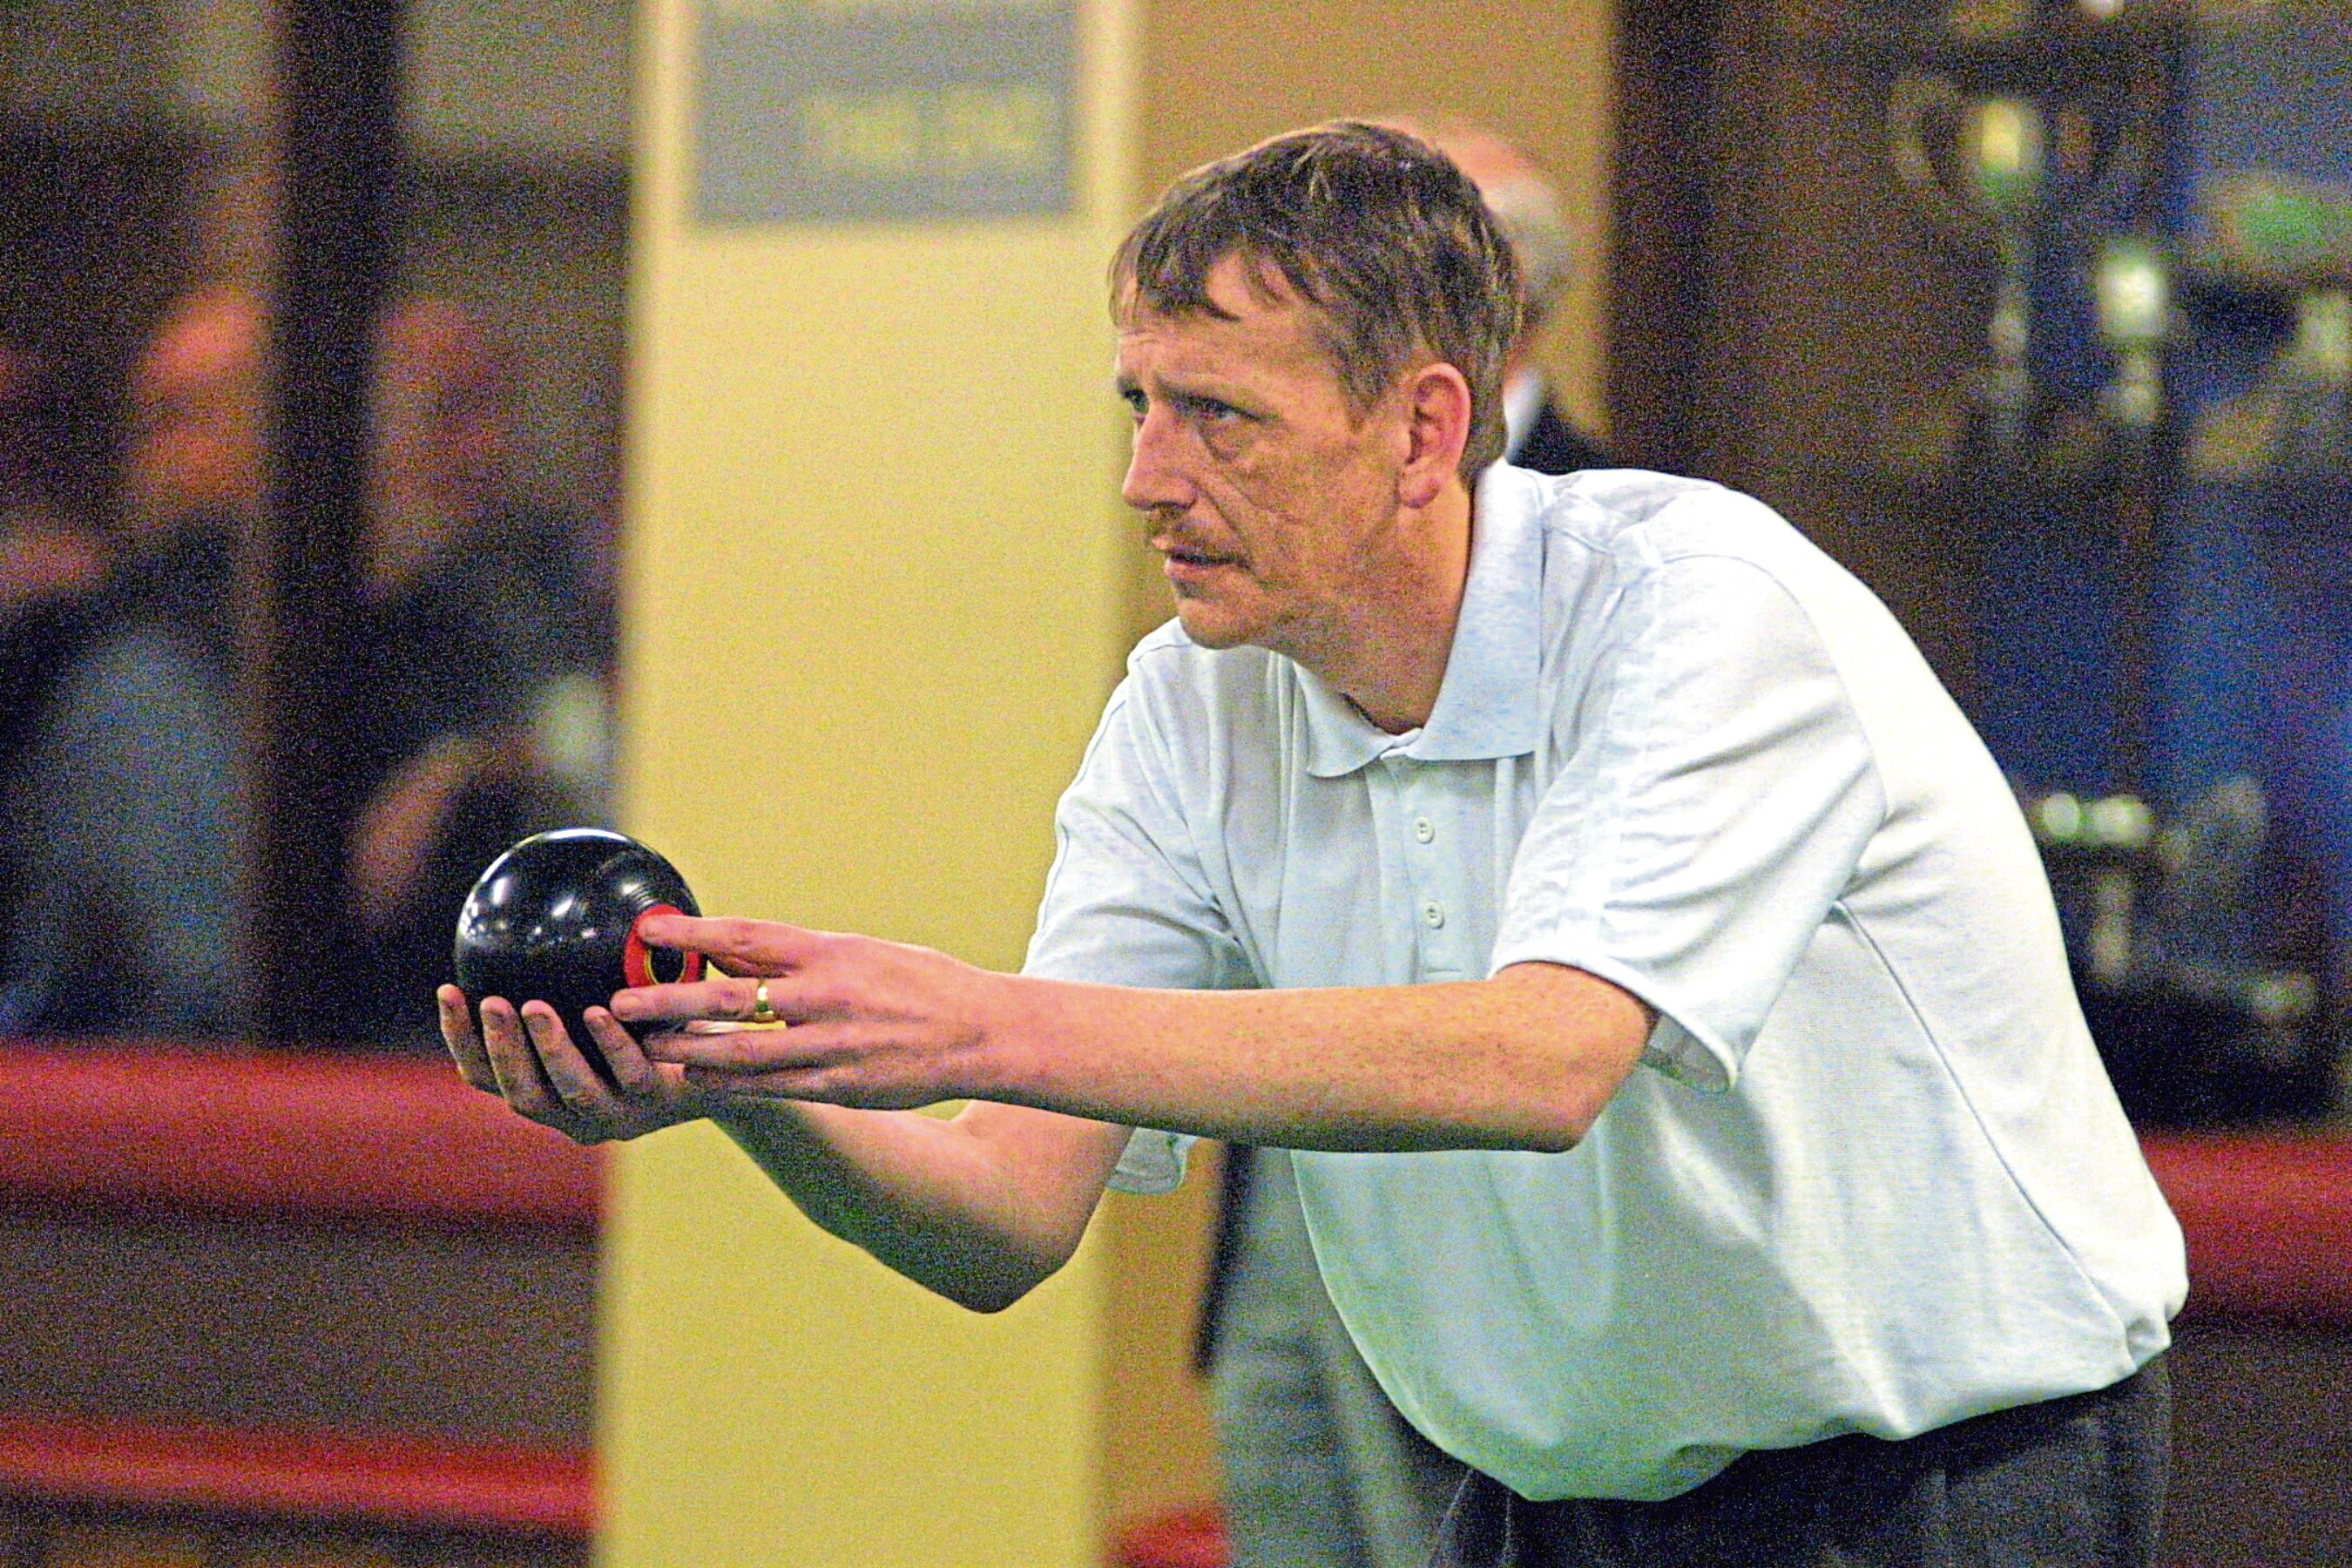 Kevin Brunton in action